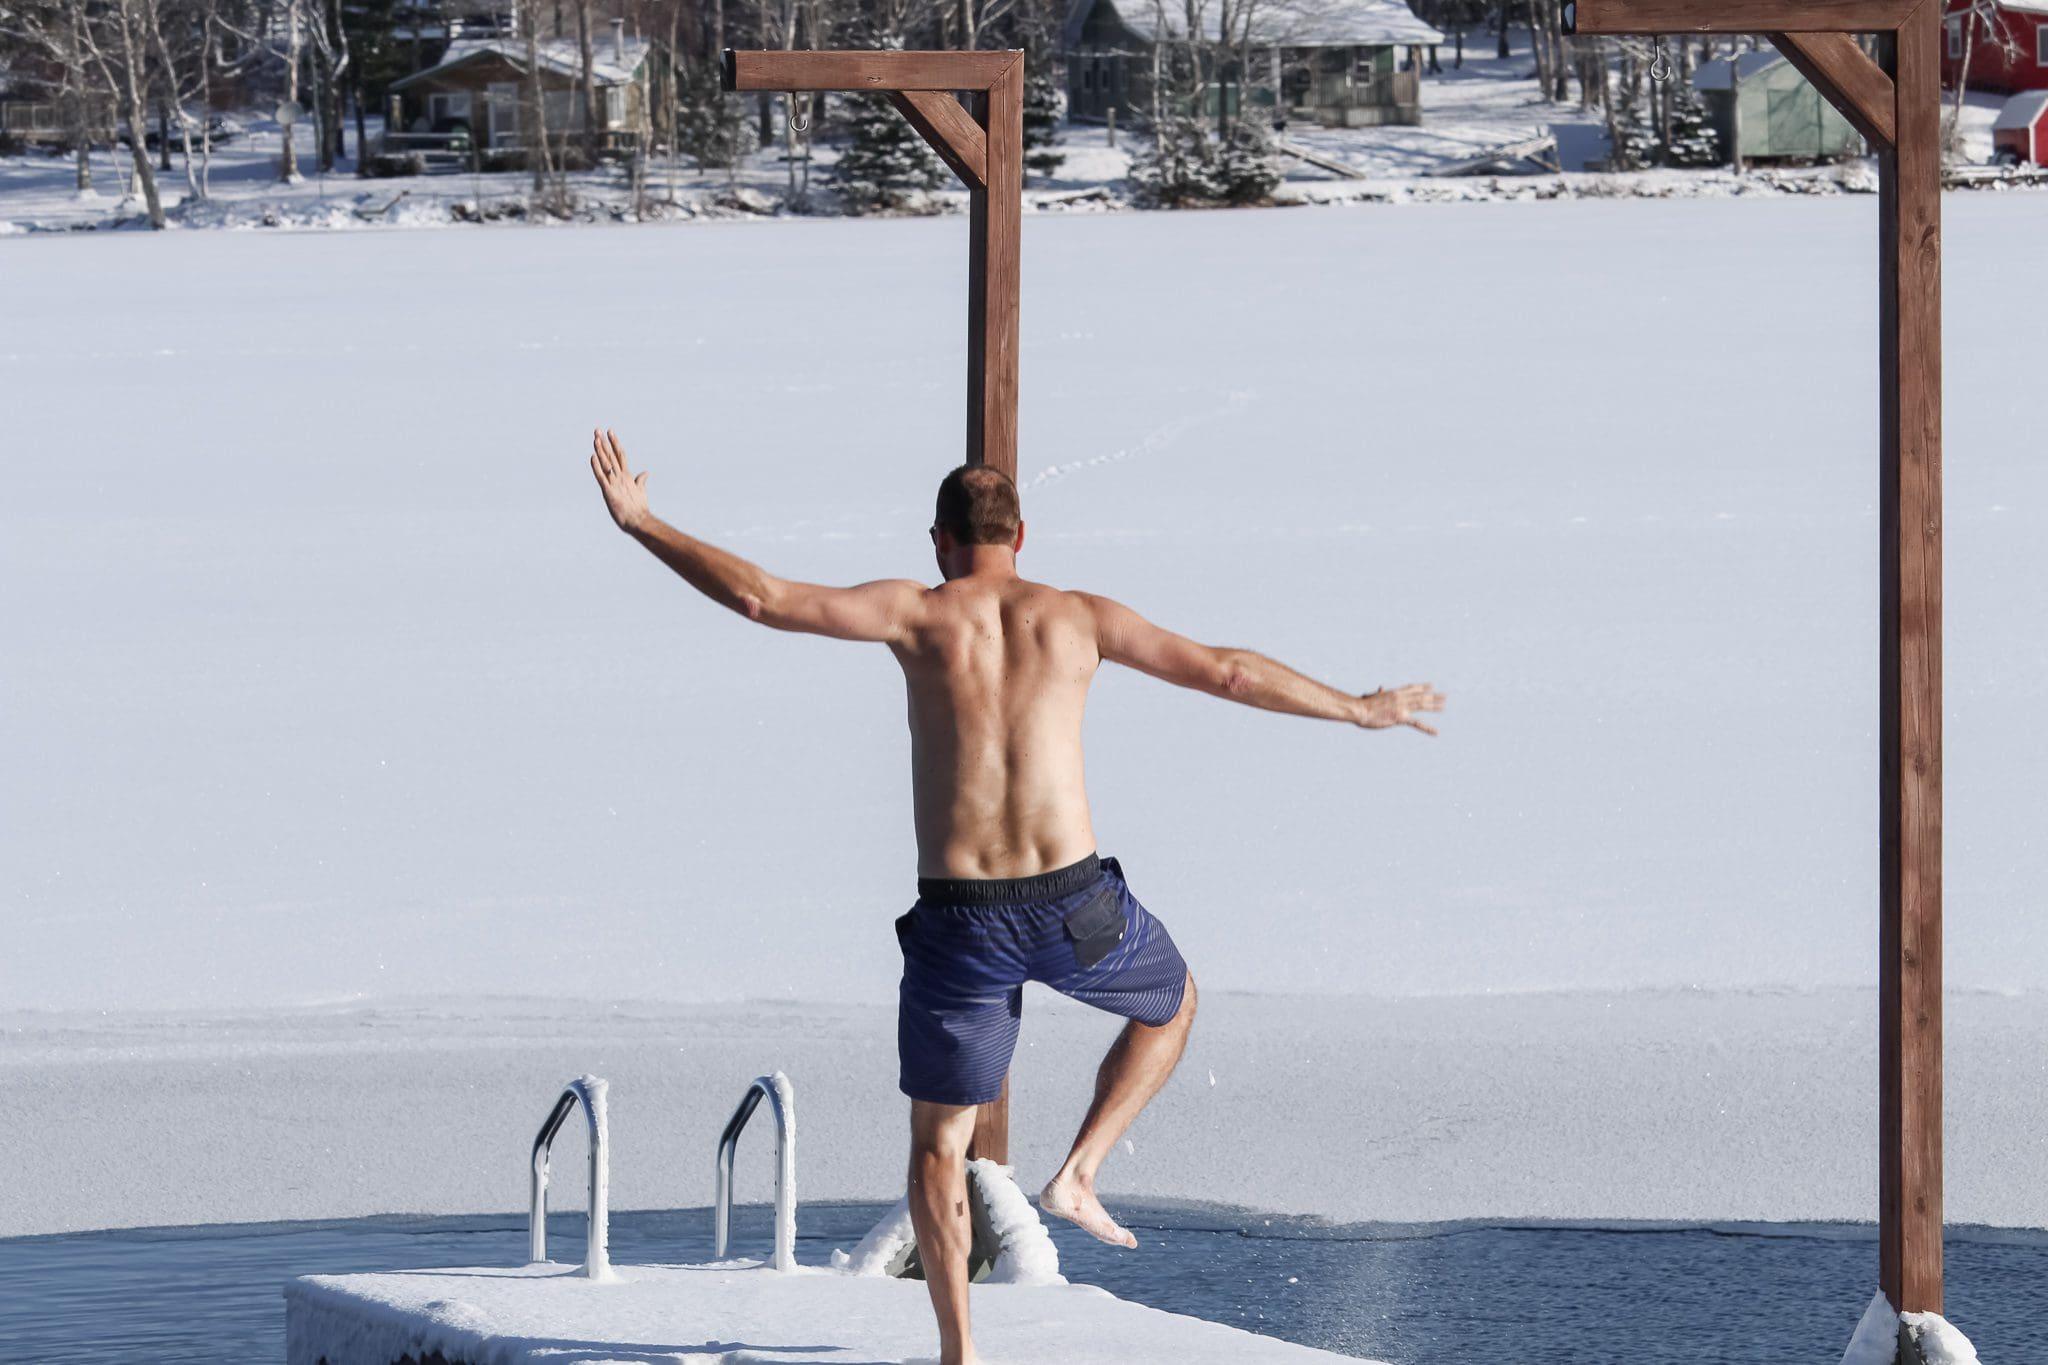 Winter Activities in Nova Scotia